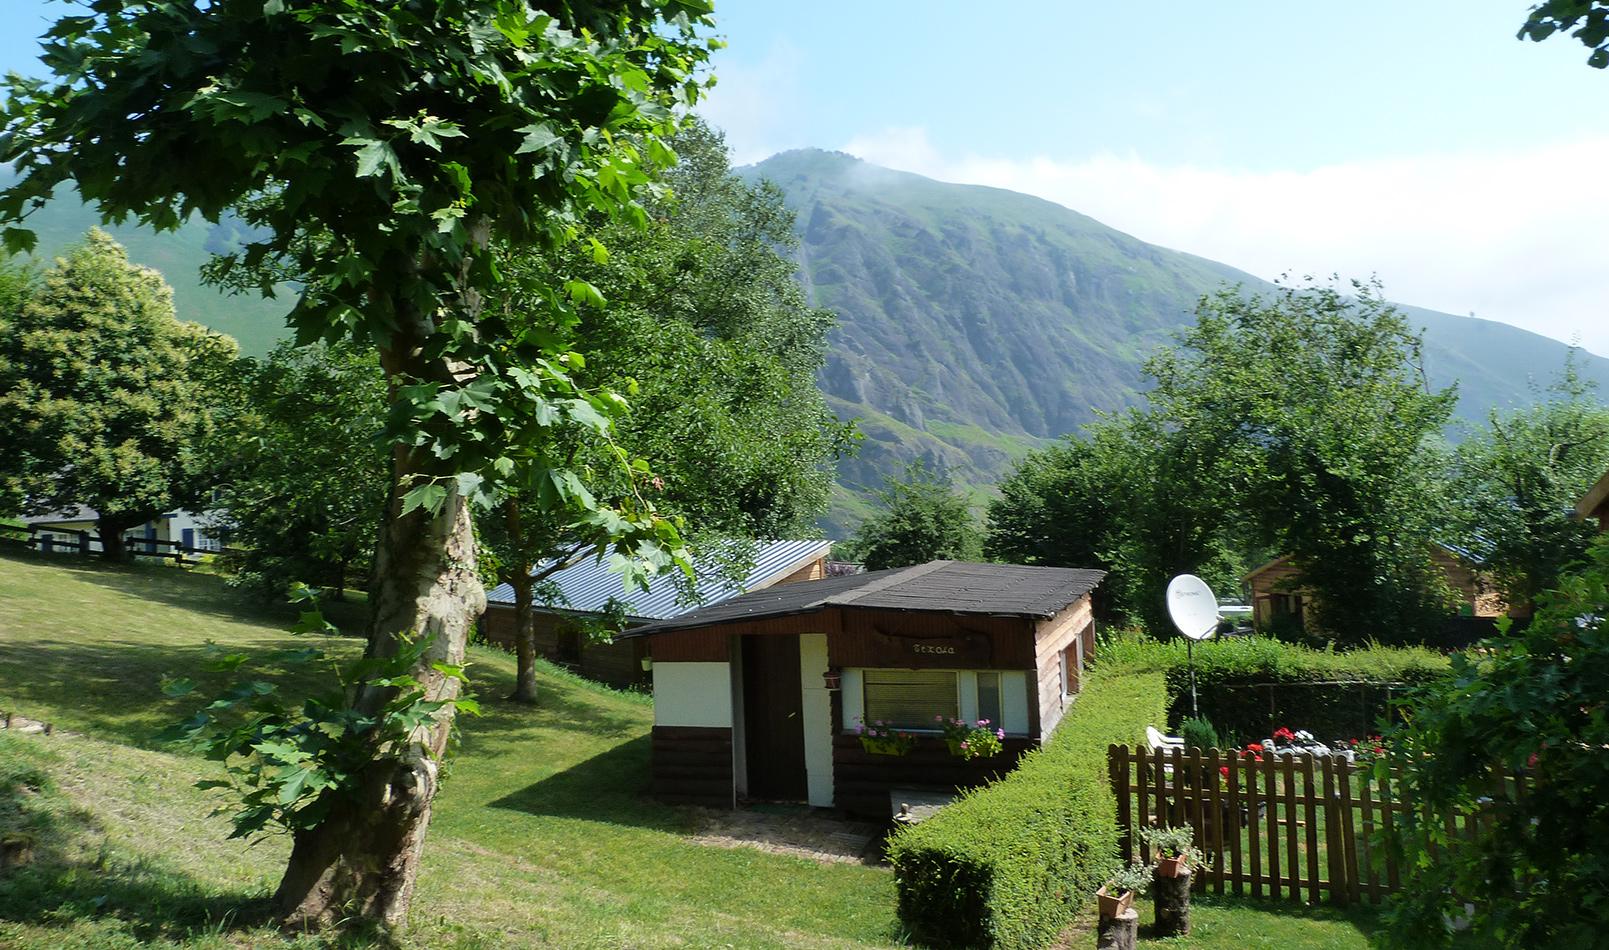 camping-ixtila-larrau